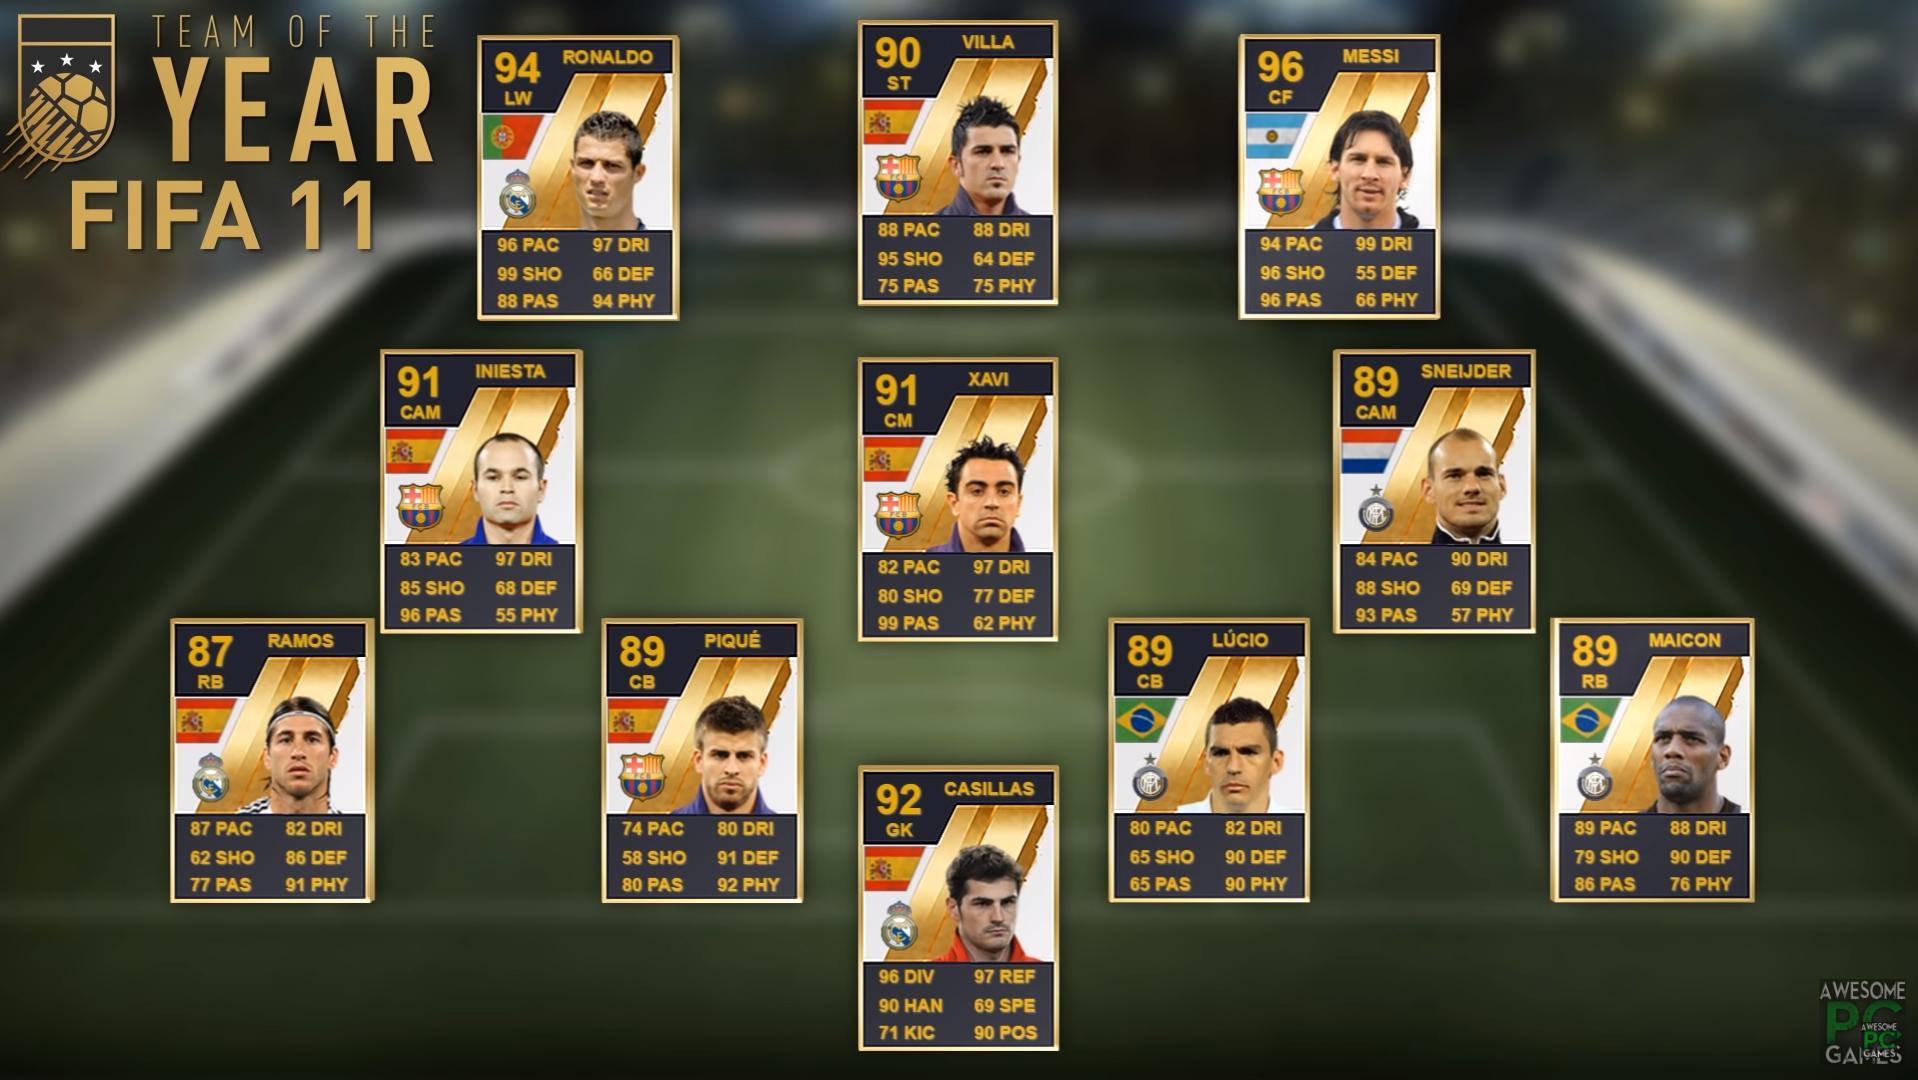 TOTY del FIFA 11